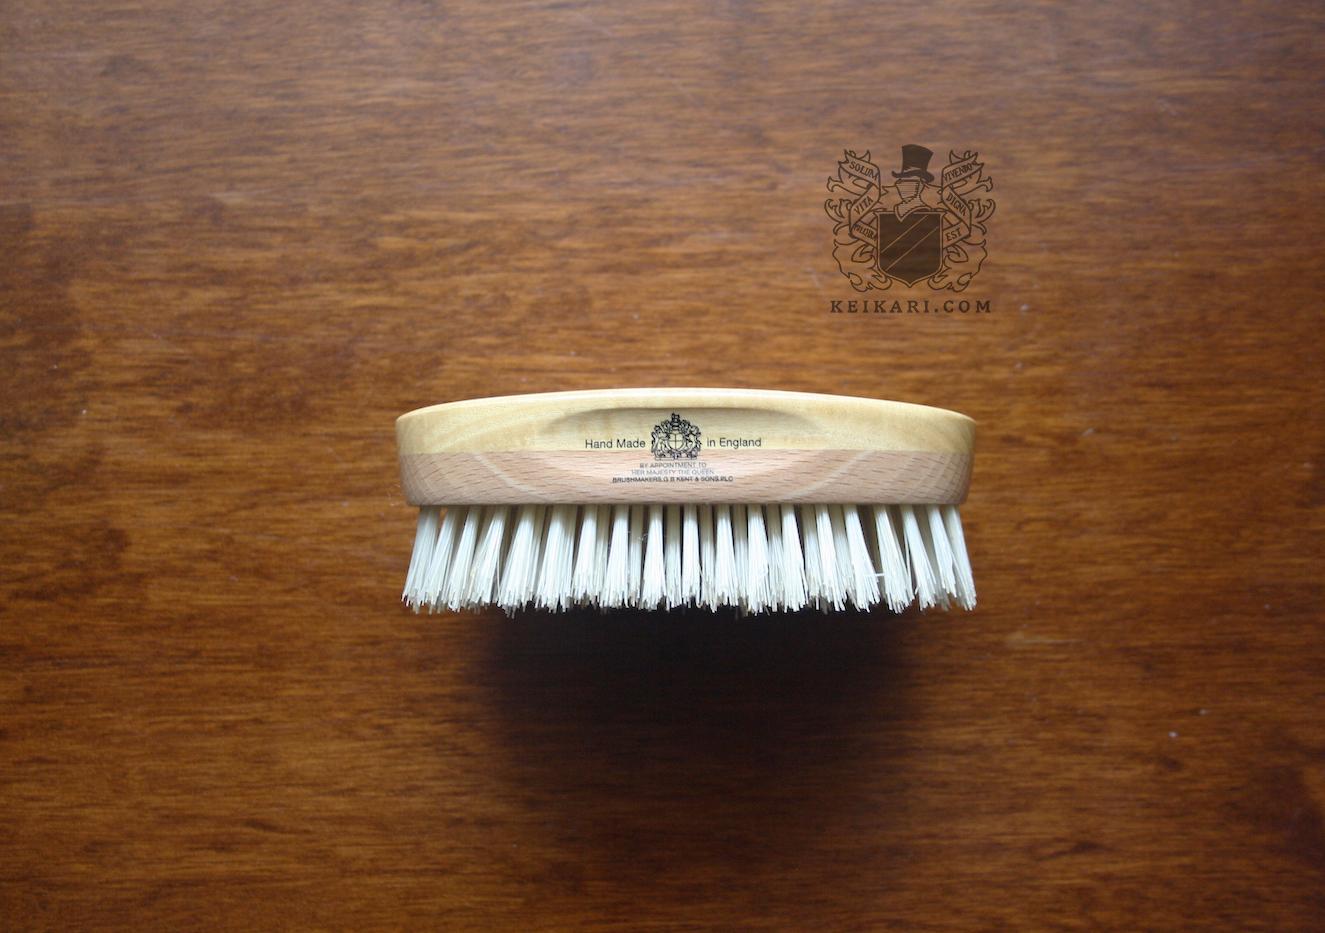 Handmade_MHS18_Hairbrush_from_Kent_Brushes_at_Keikari_dot_com4